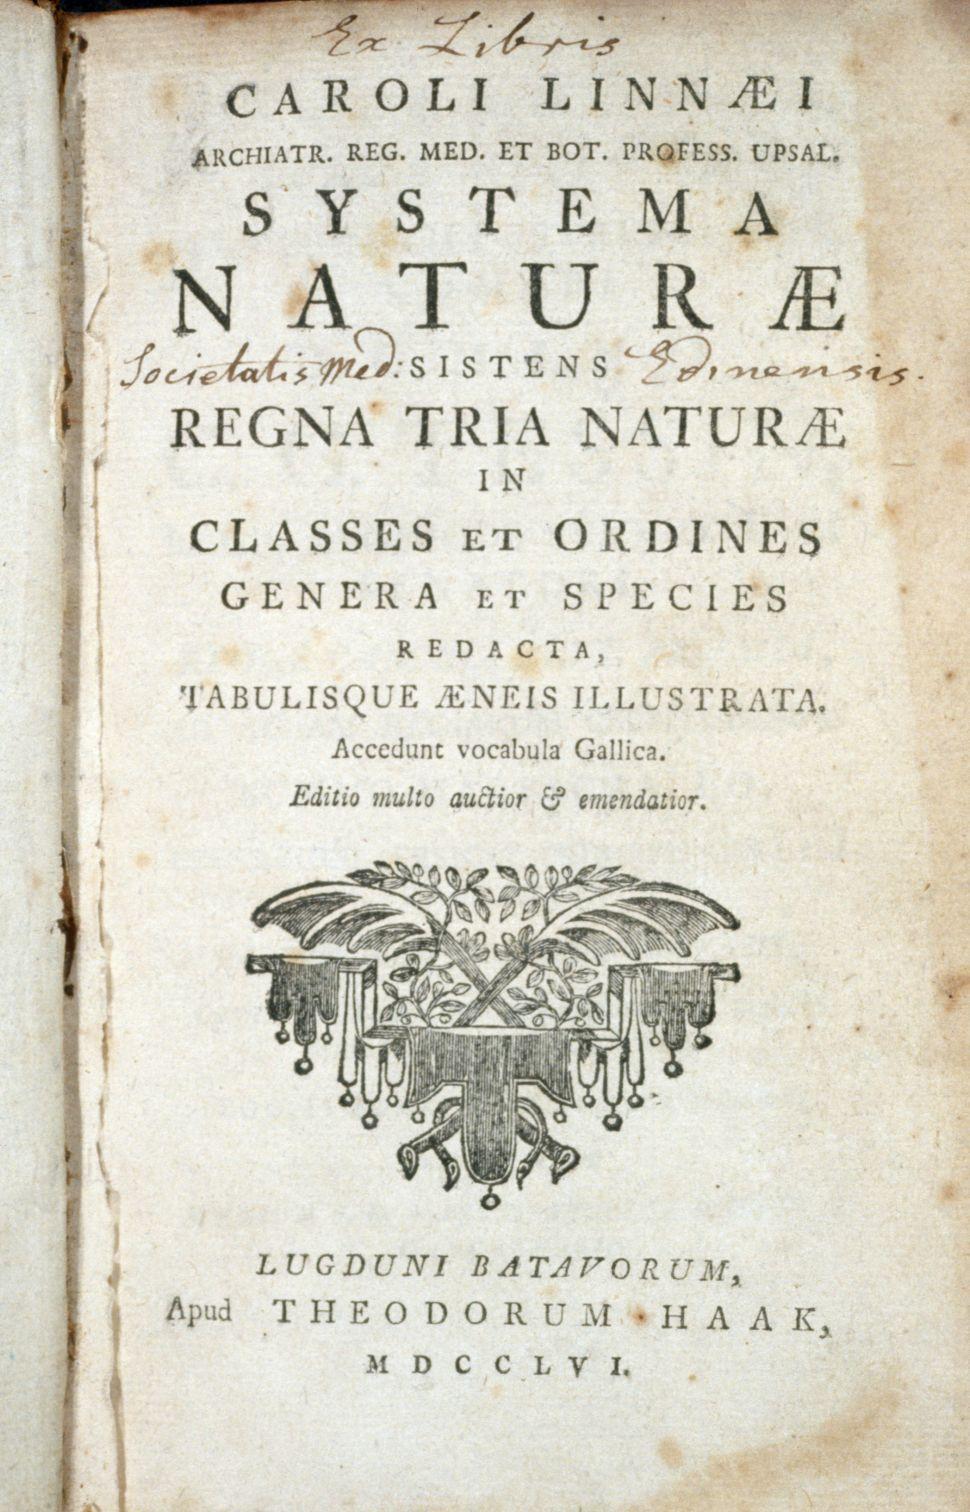 Trang bìa của tác phẩm Systema Naturae xuất bản năm 1756. Ảnh:  CORBIS.